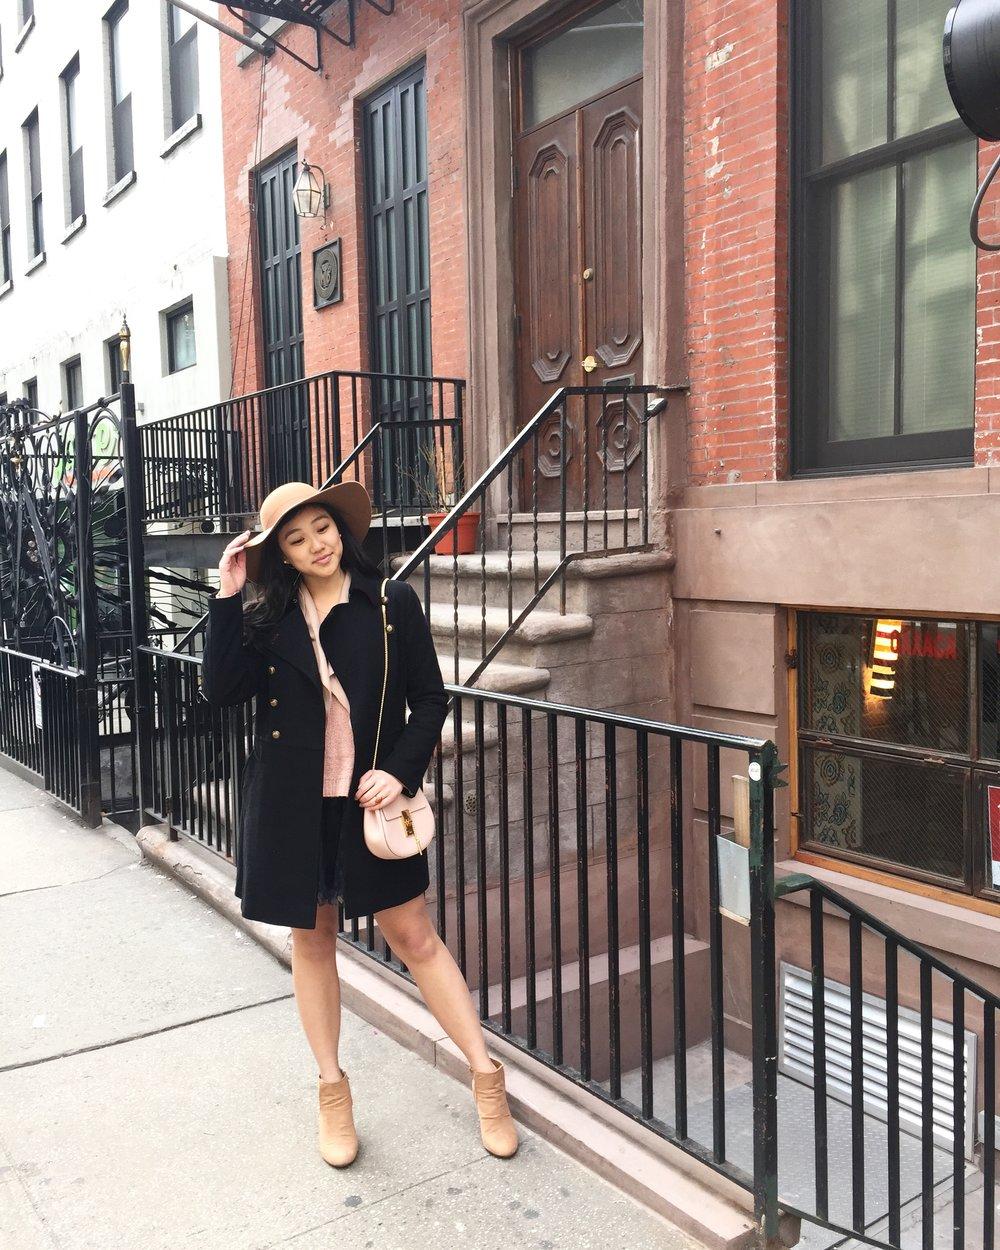 Hat:  Forever 21  | Bag:  Chloe  | Coat:  Nordstrom  | Tulle Skirt:  Charlotte Russe  | Boots:  Forever 21